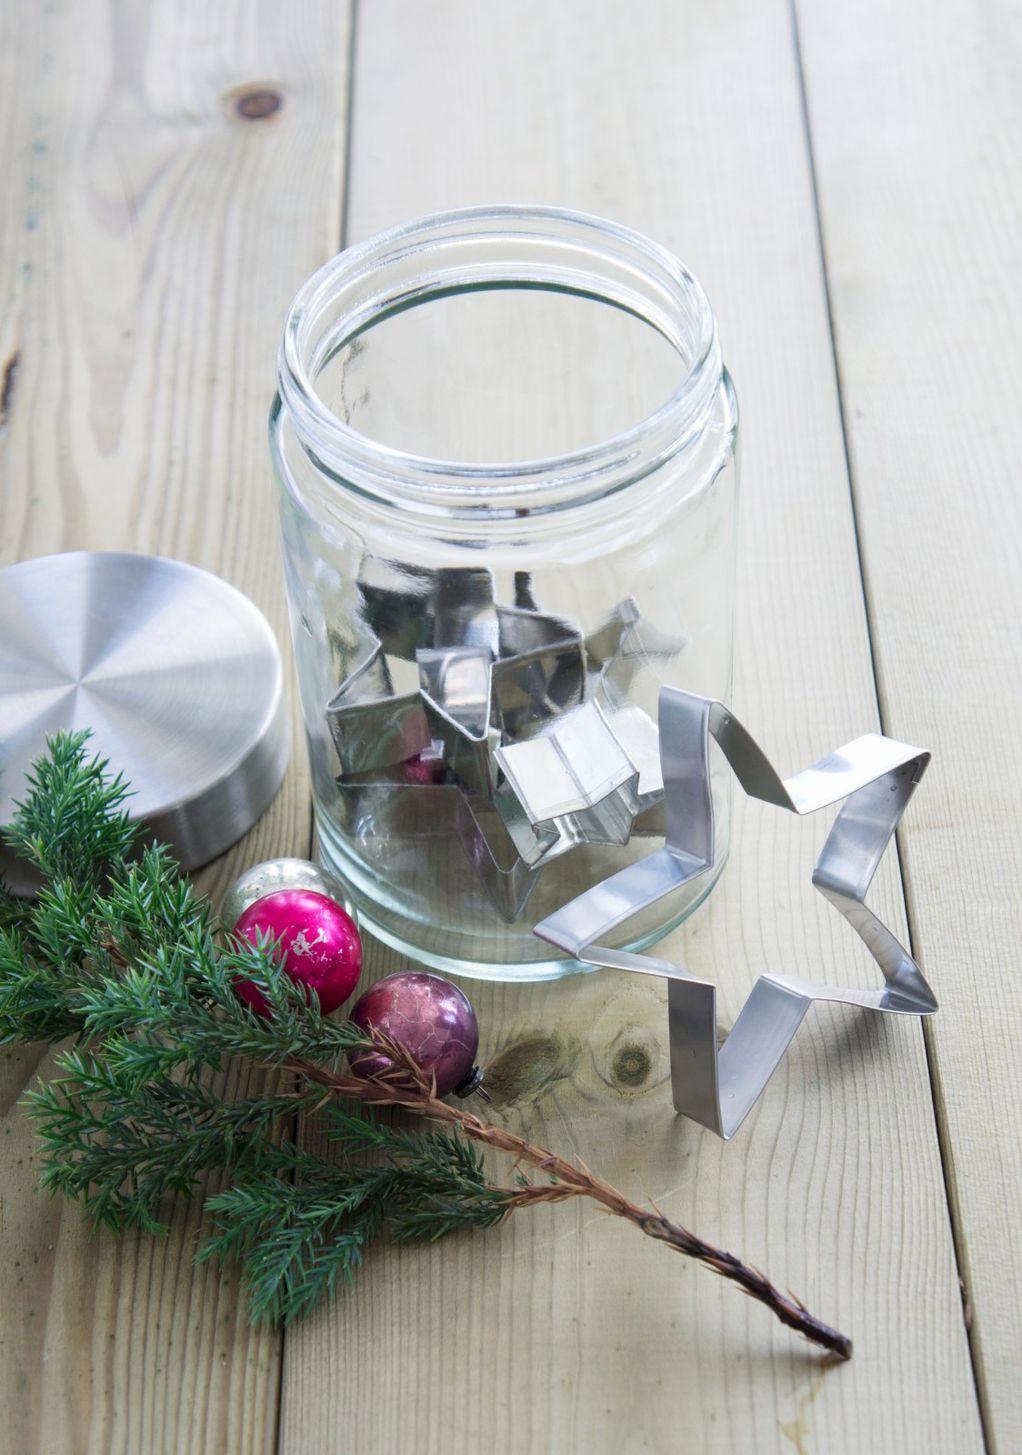 Како да ги искористите старите тегли за прекрасни новогодишни украси?